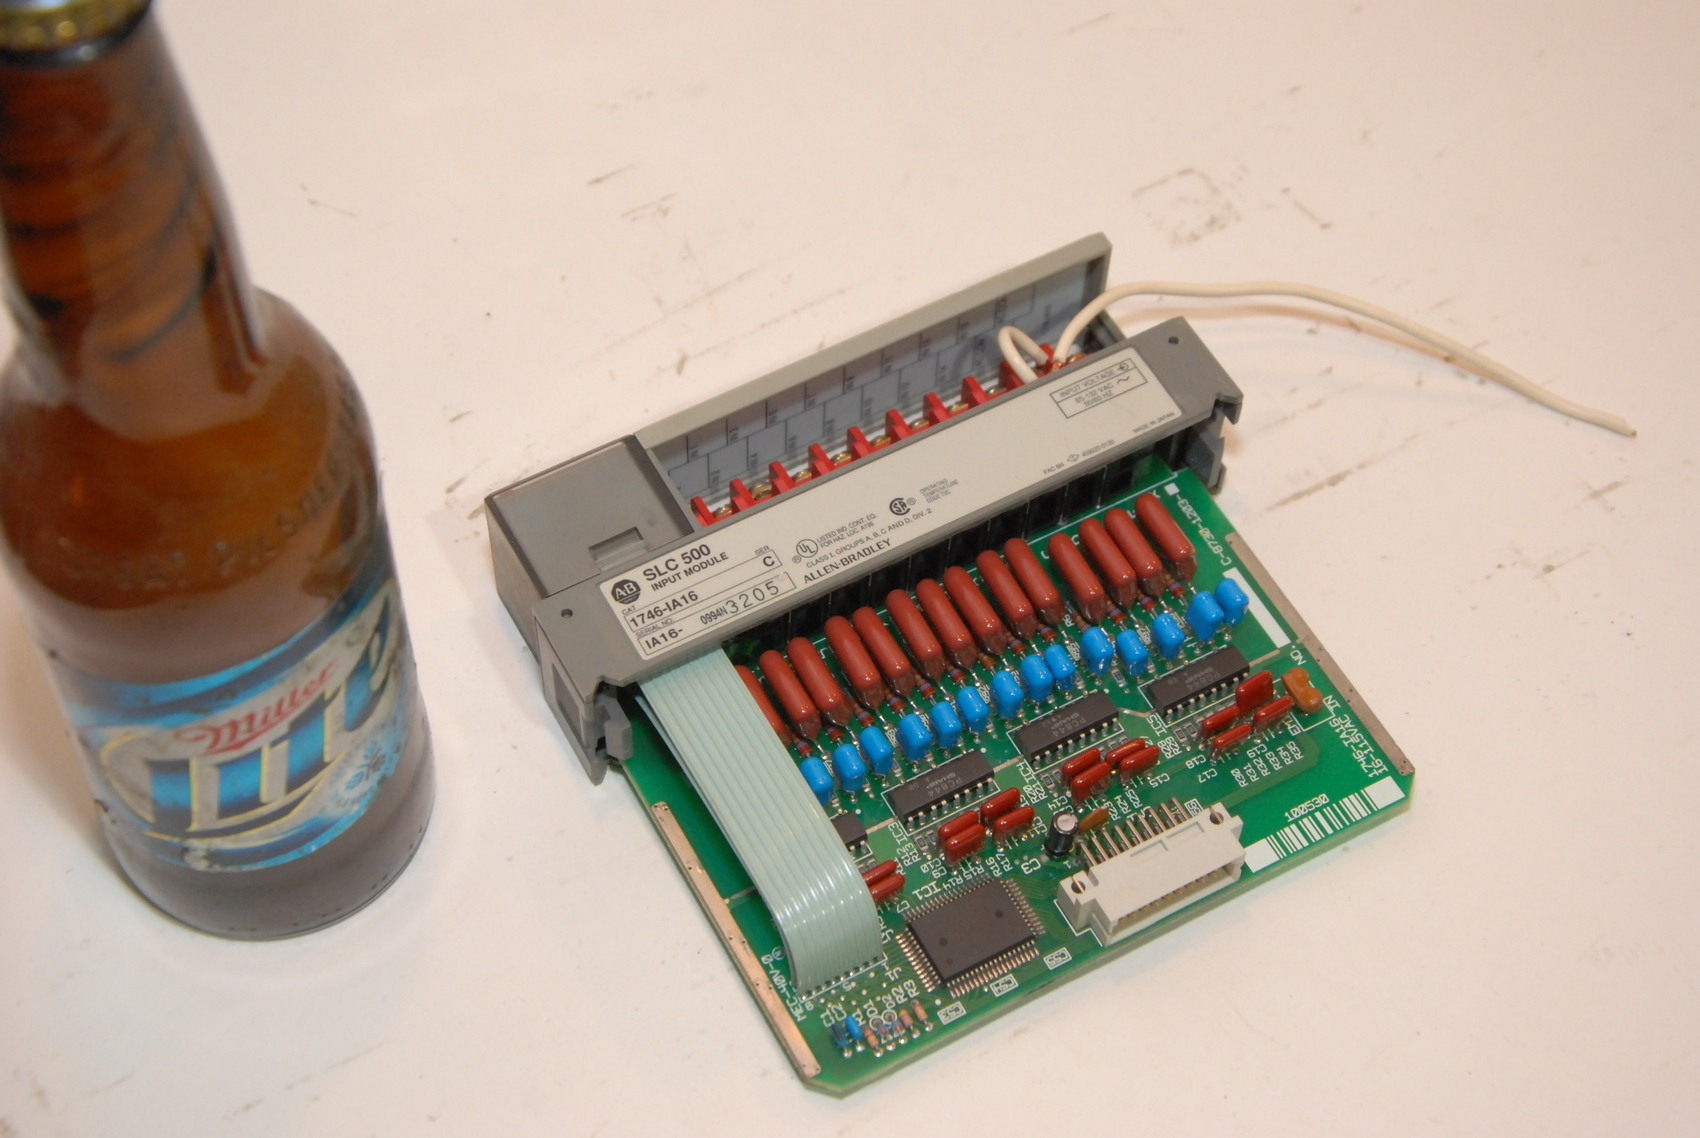 Allen-Bradley 1746-IA16 Series C SLC 500 Input Module